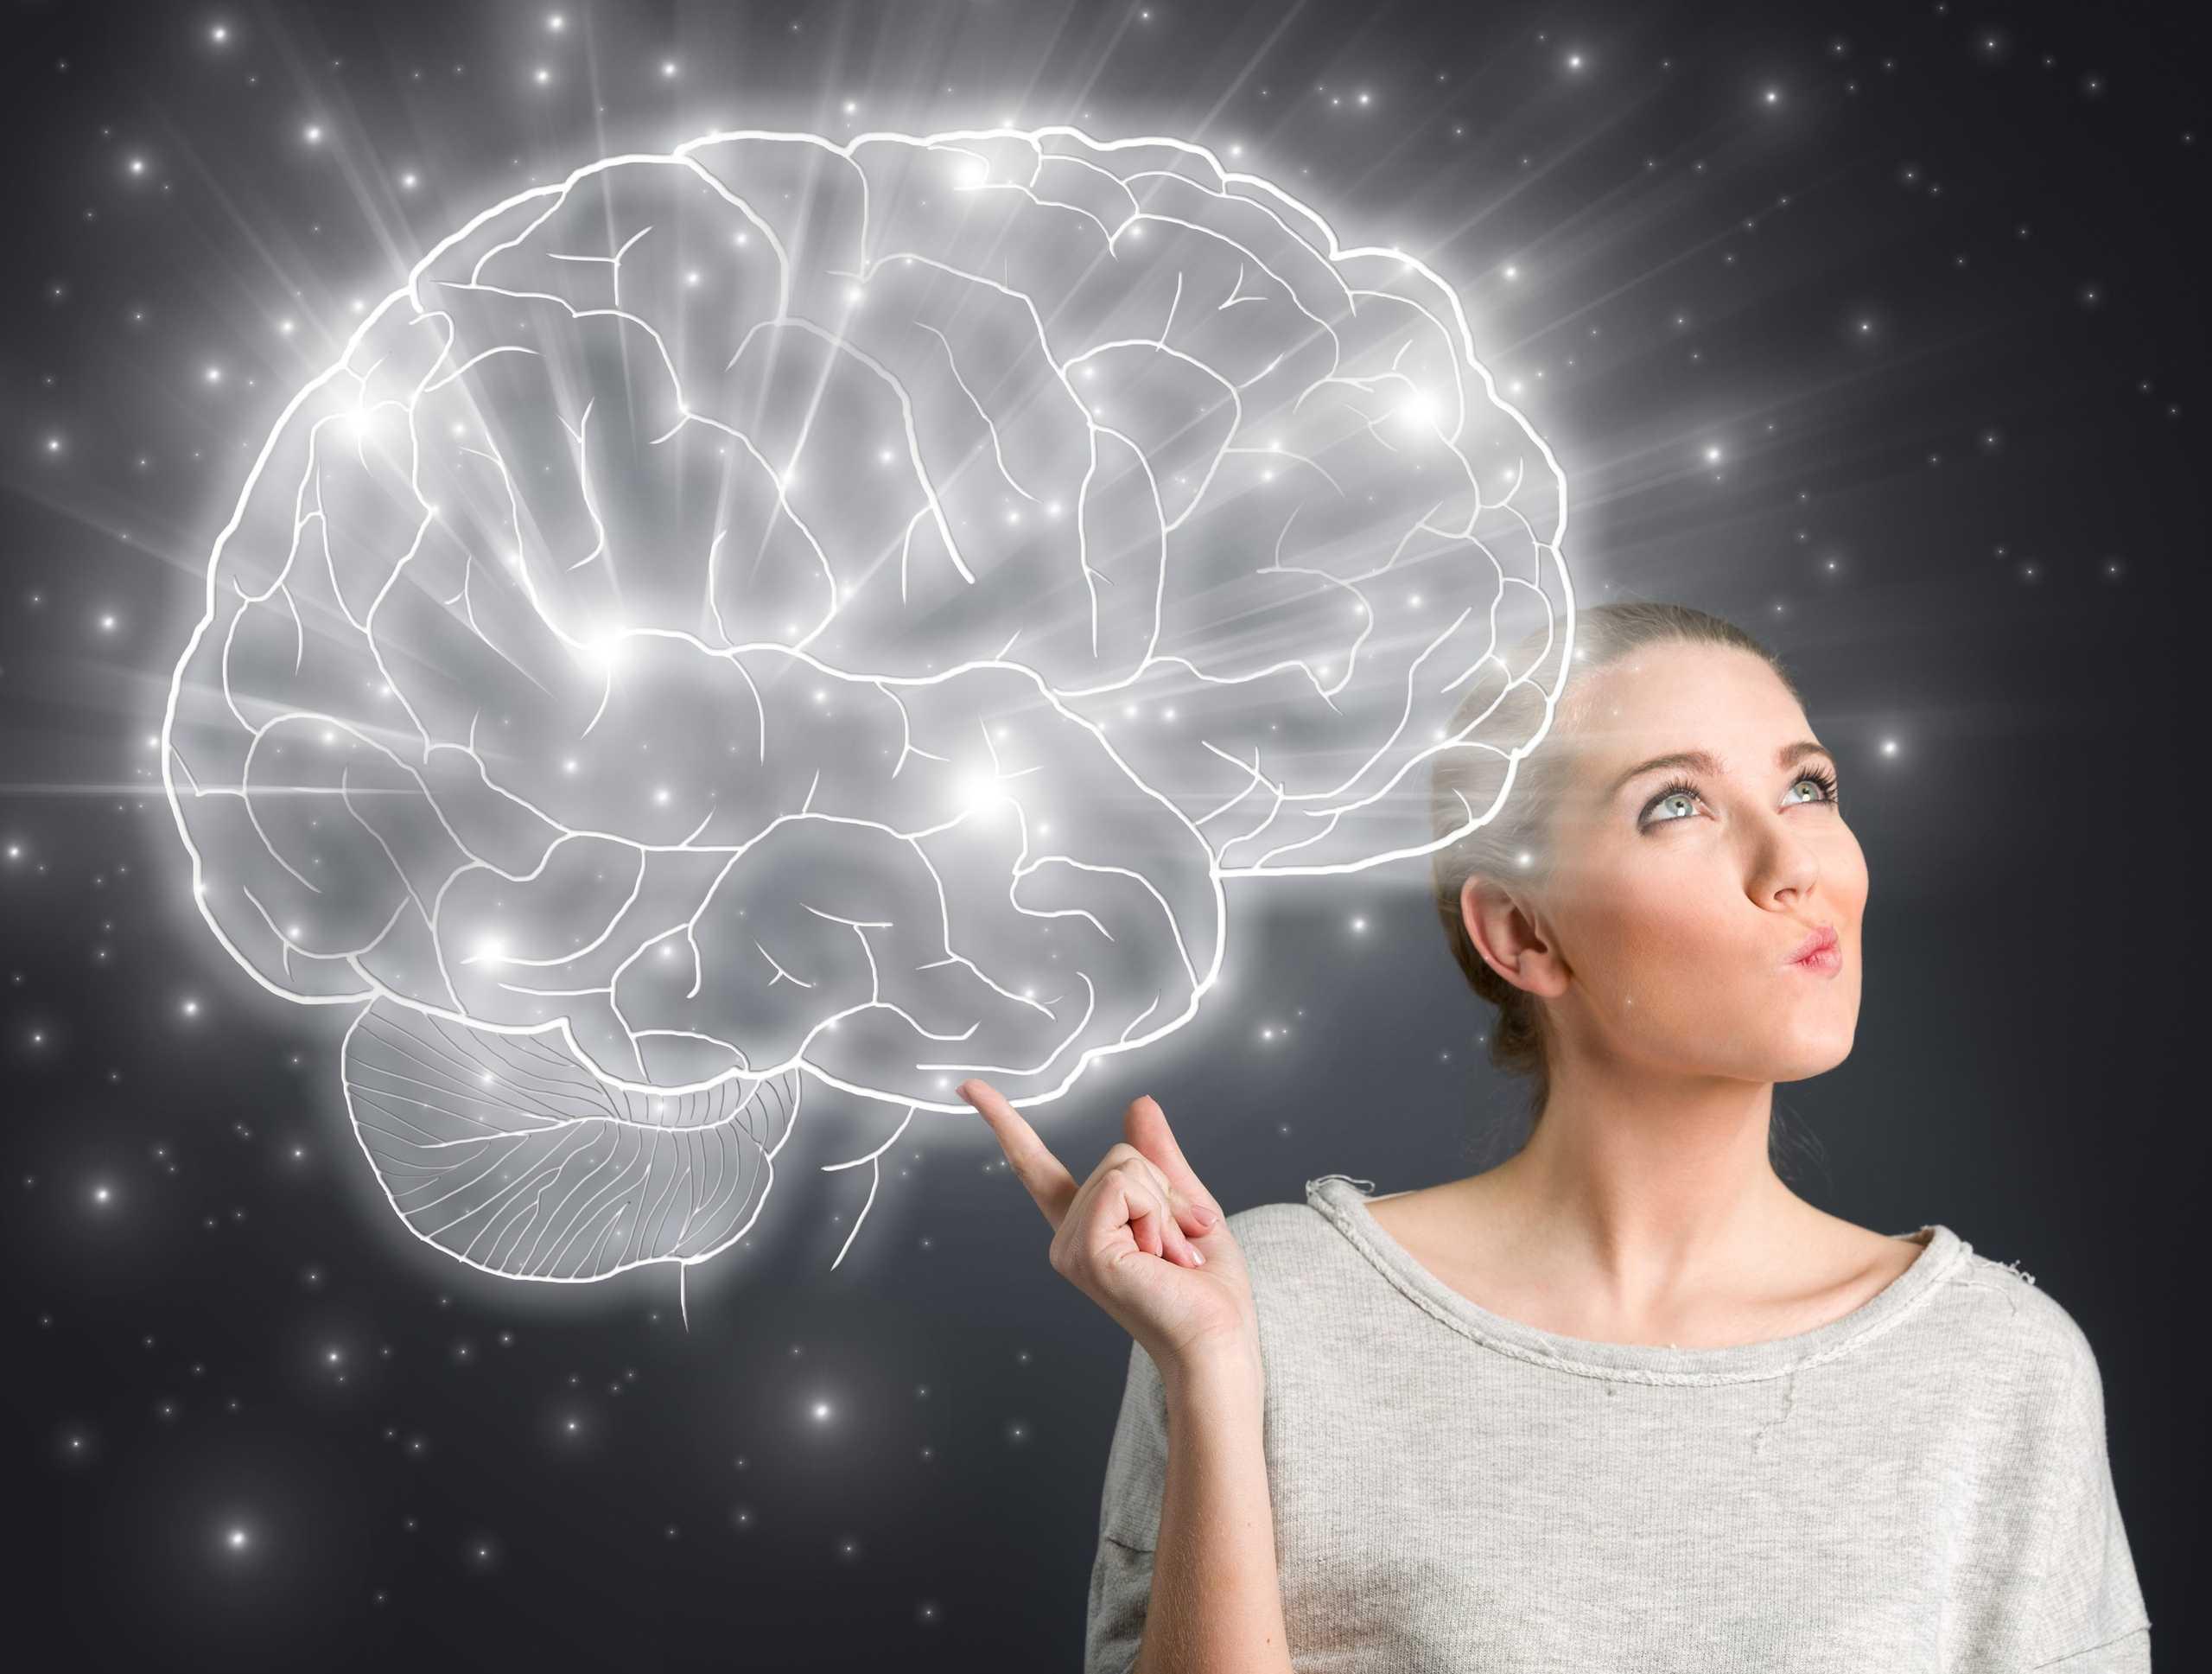 9 неожиданных признаков, по которым глупых легко отличить от умных | кто?что?где?